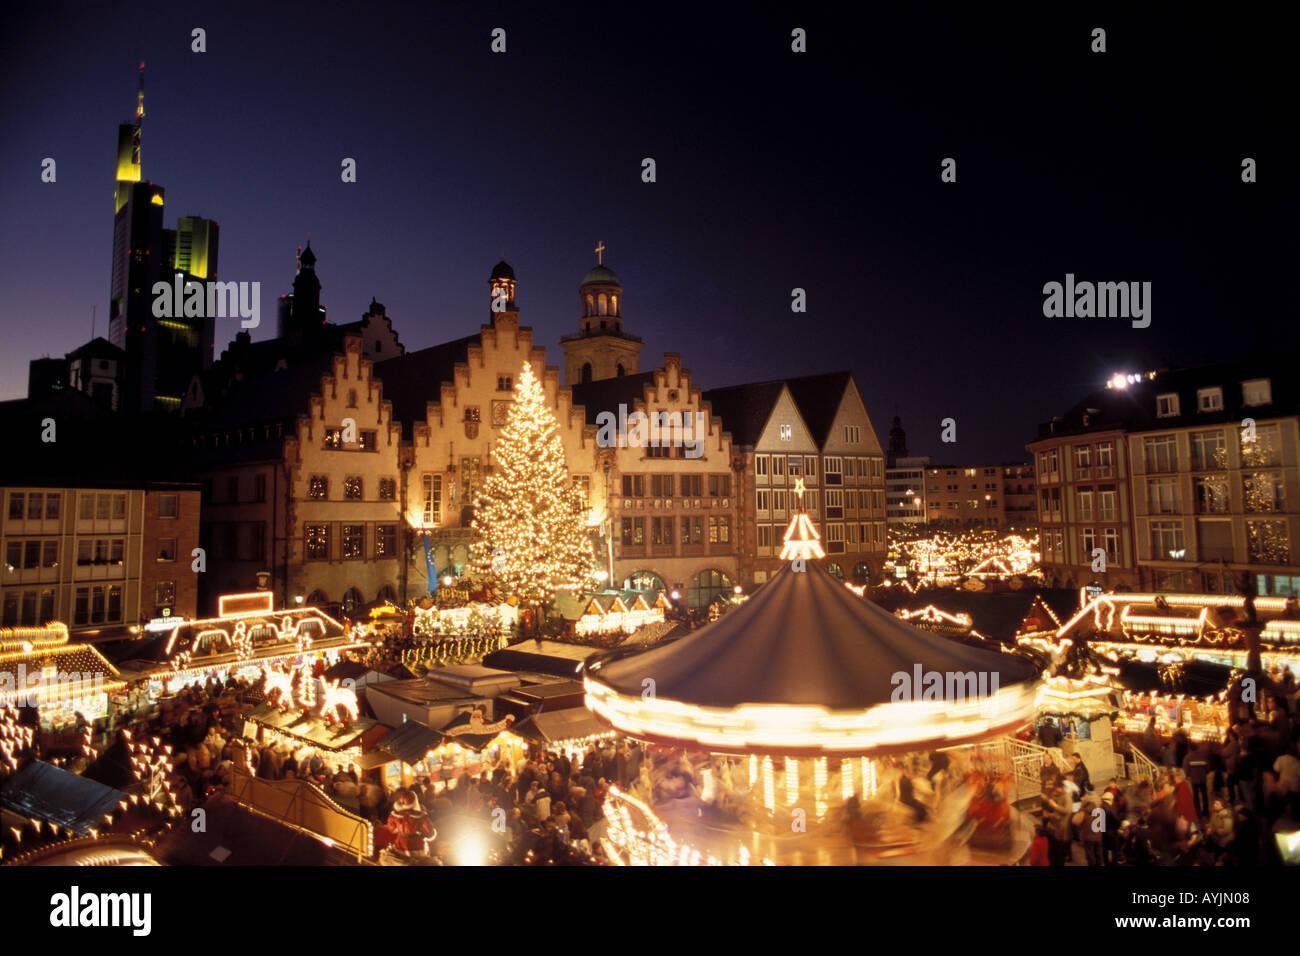 Frankfurter Weihnachtsmarkt.Frankfurter Weihnachtsmarkt Stock Photos Frankfurter